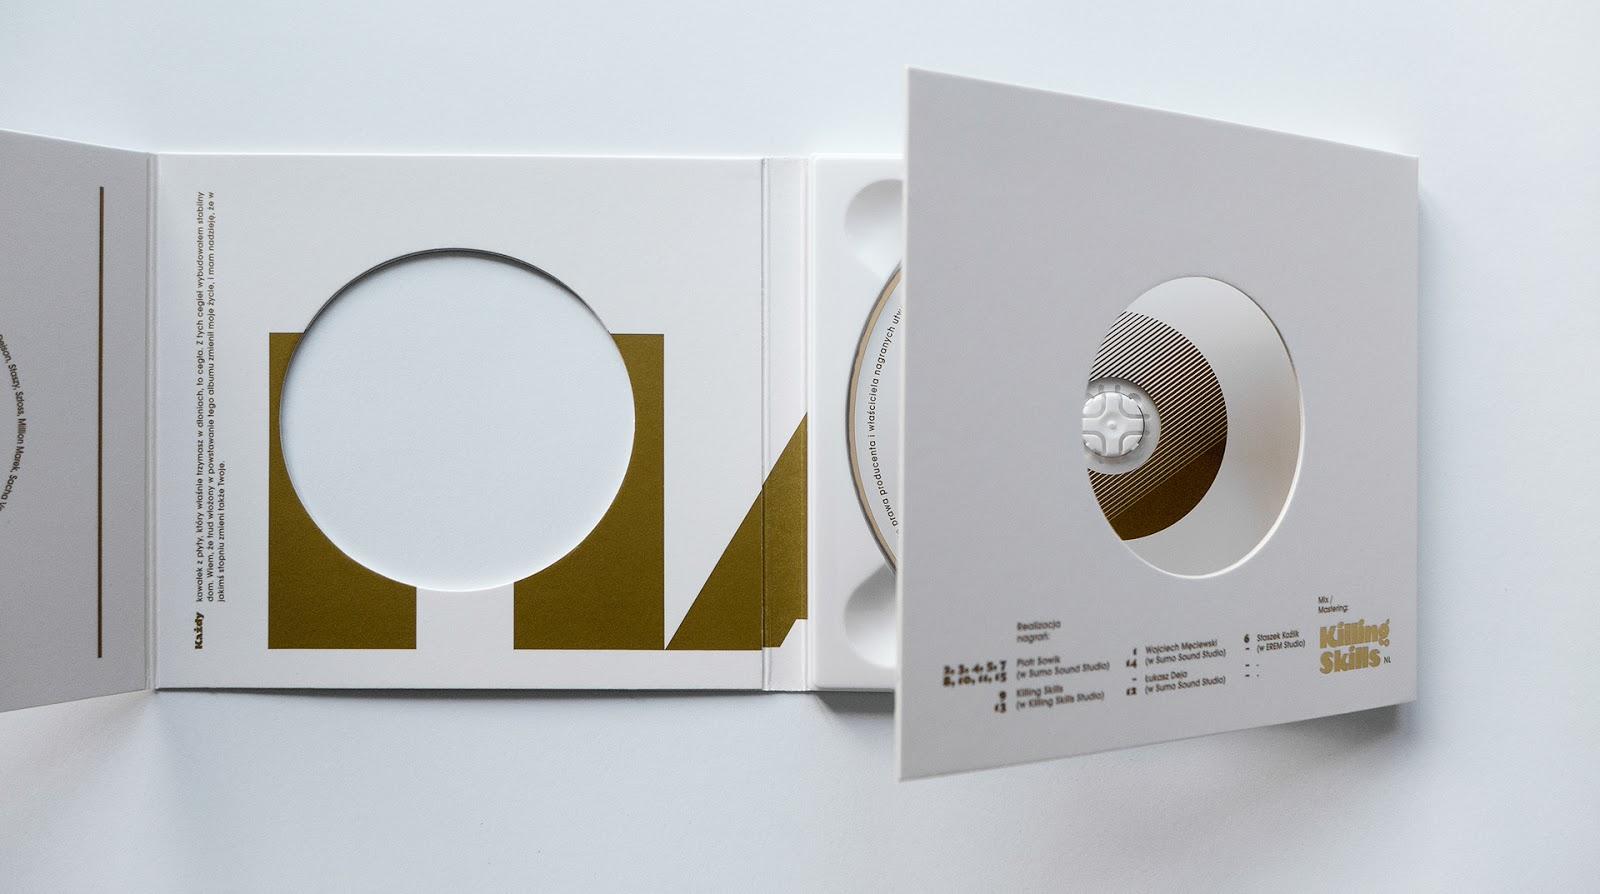 18张hades创意风格的cd包装设计欣赏